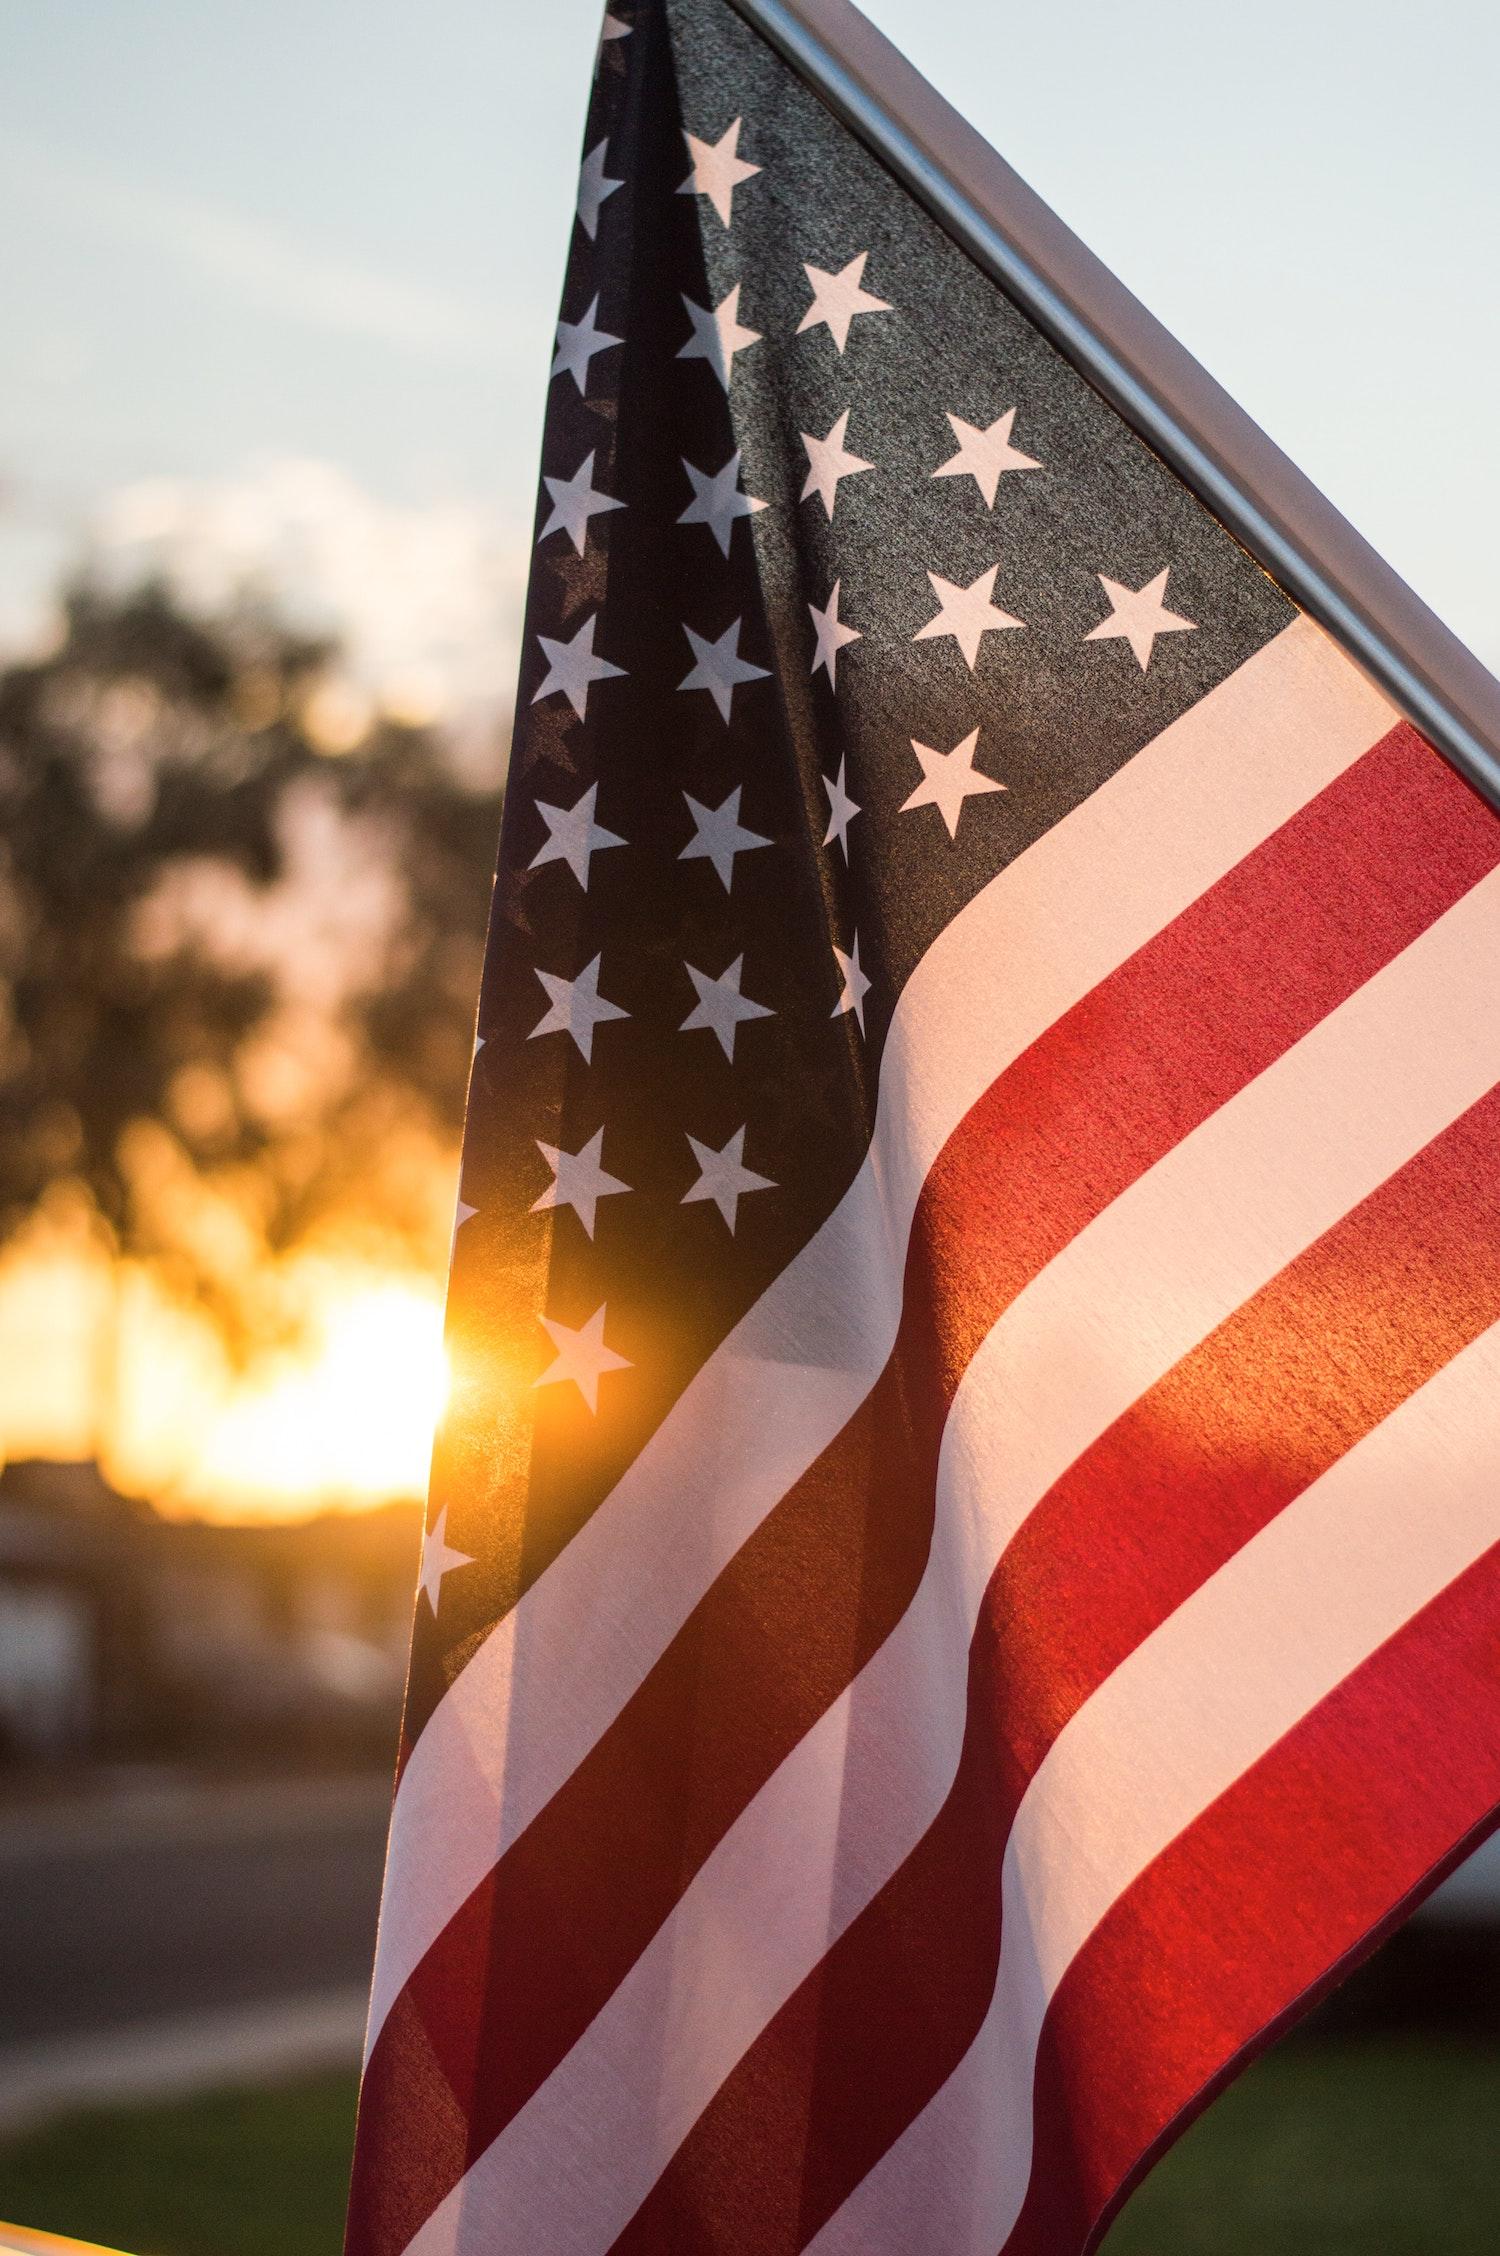 USA flag | Whats Giving You Hope?